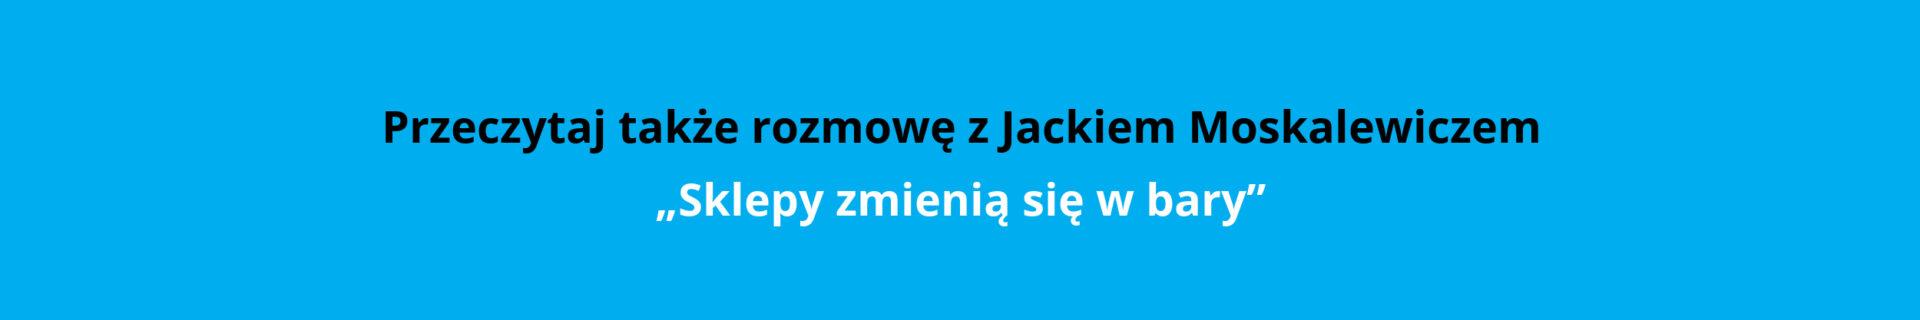 moskalewicz